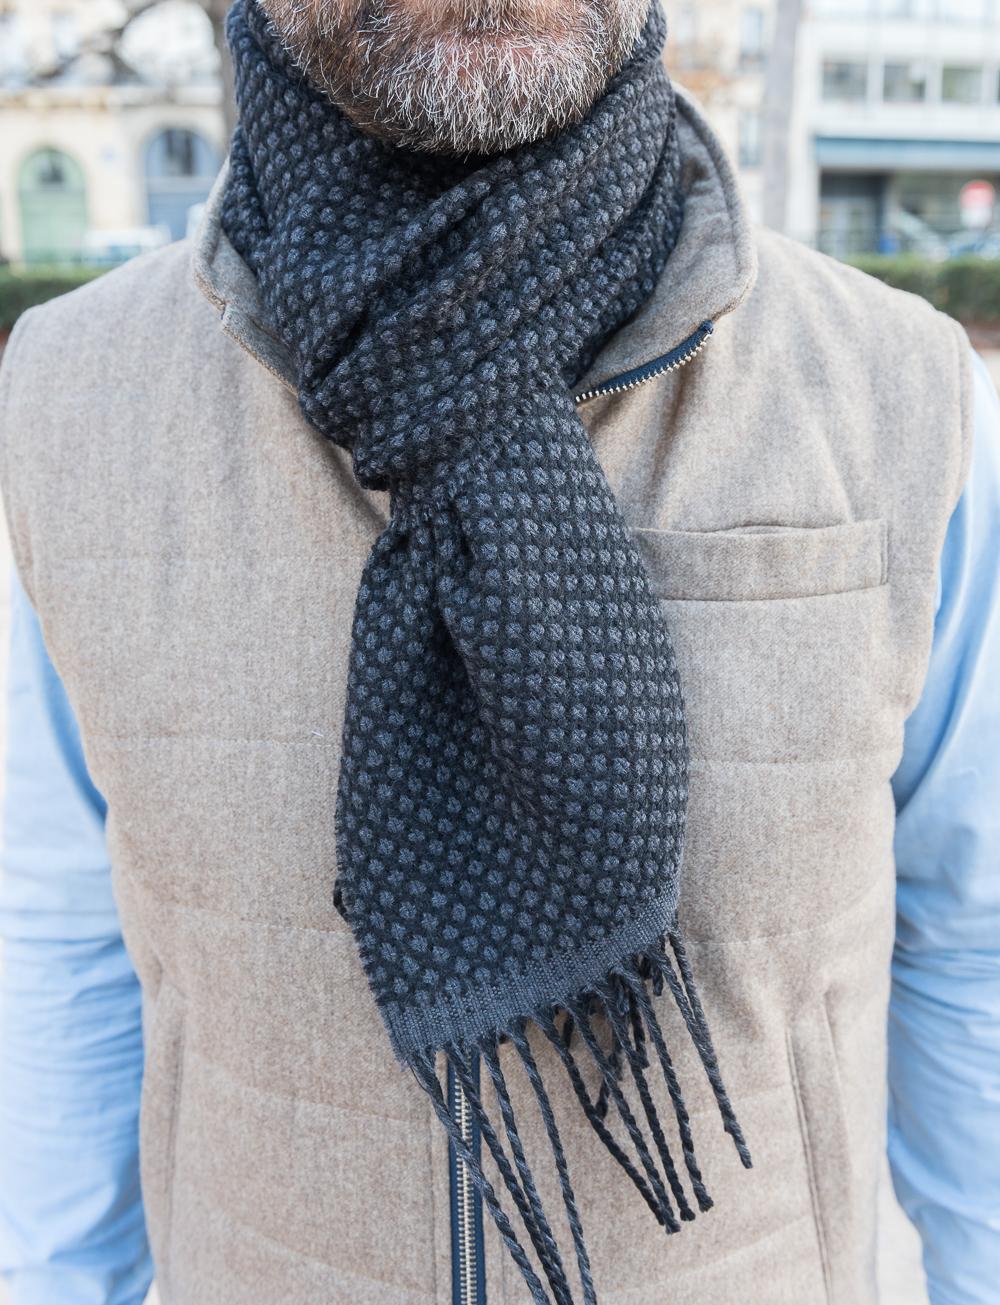 36f60900b964 Echarpe en laine à pois – noir gris. SOLDES. SOLDES. SOLDES ·  ECHARPE CADOT 18